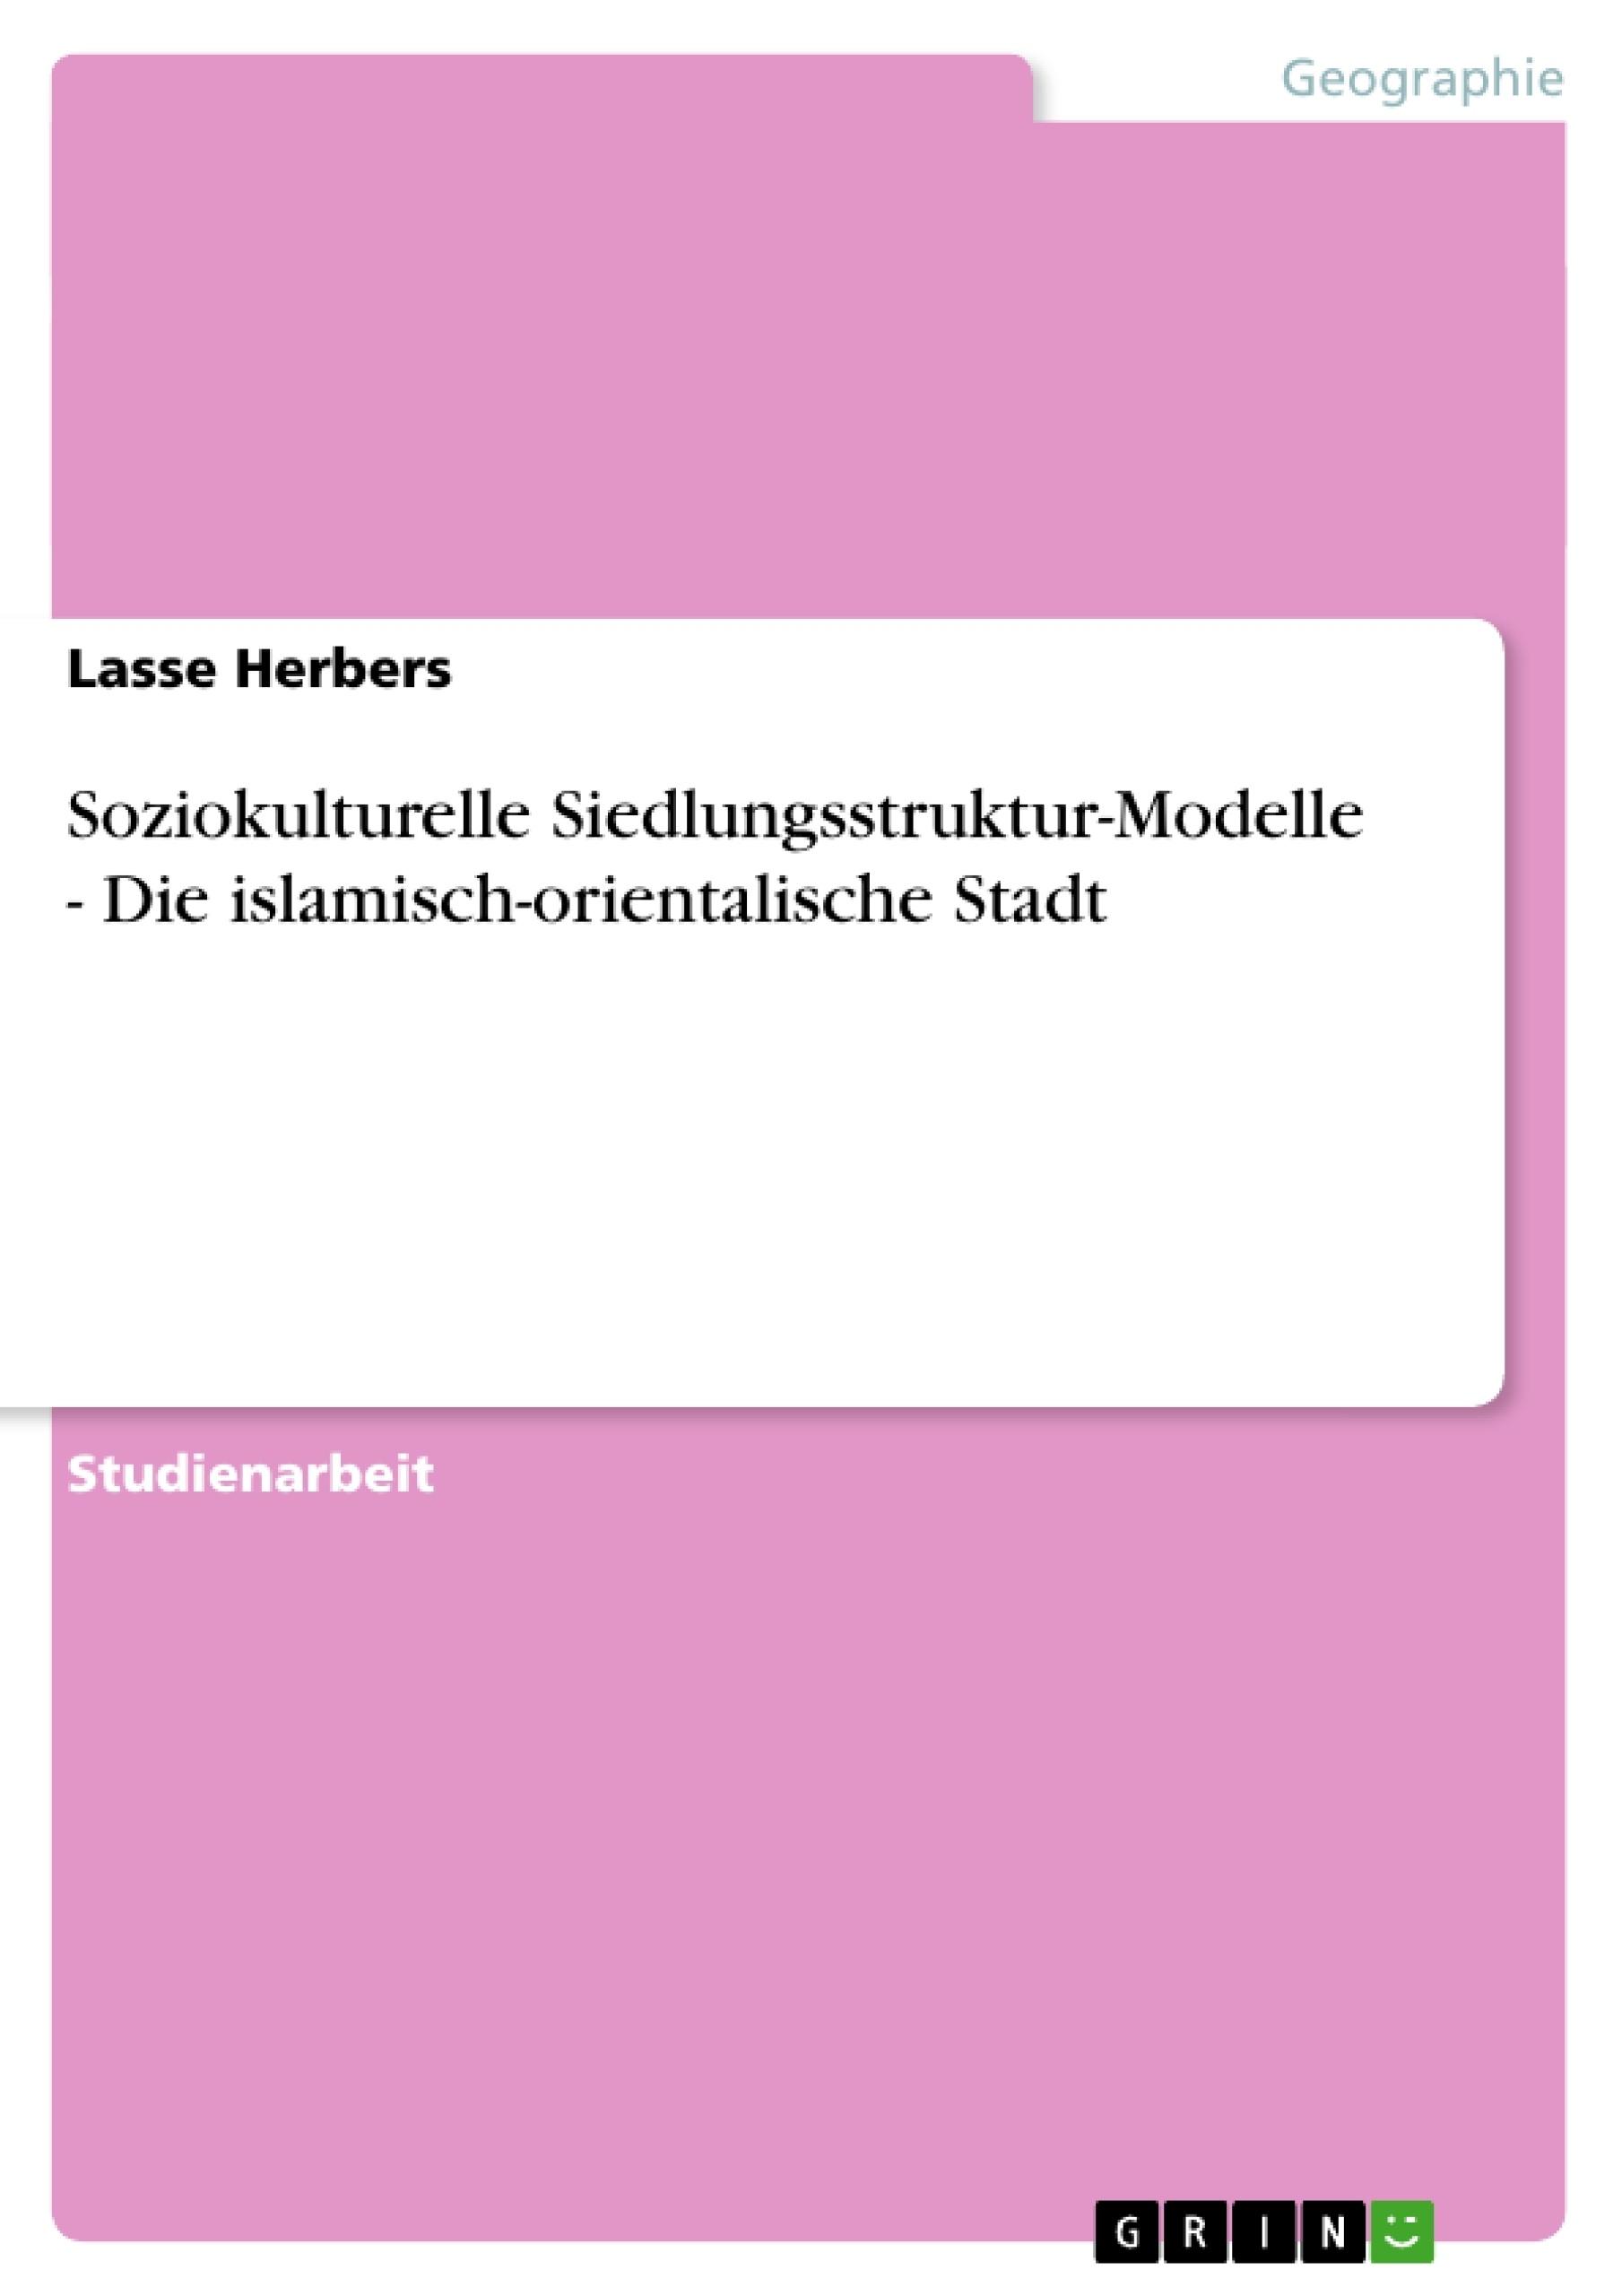 Titel: Soziokulturelle Siedlungsstruktur-Modelle - Die islamisch-orientalische Stadt